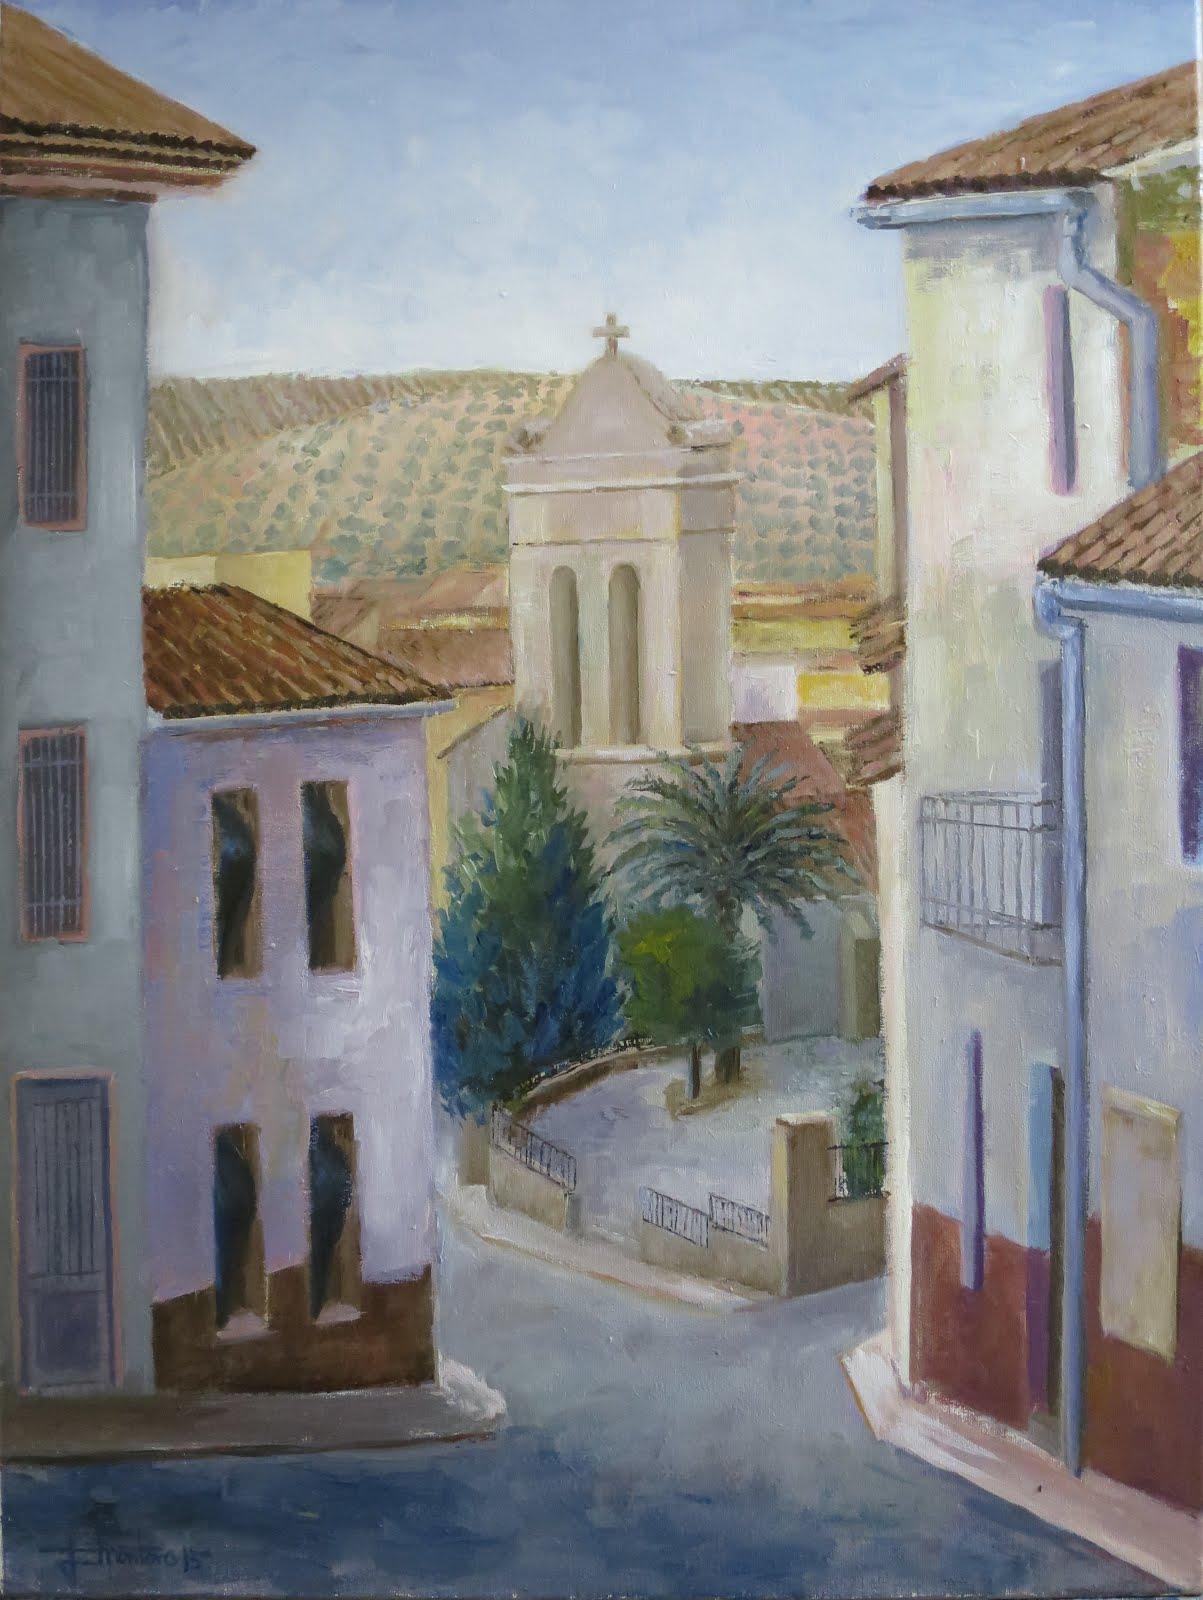 Desde la calle Cuestas, Fuerte del Rey (12P)